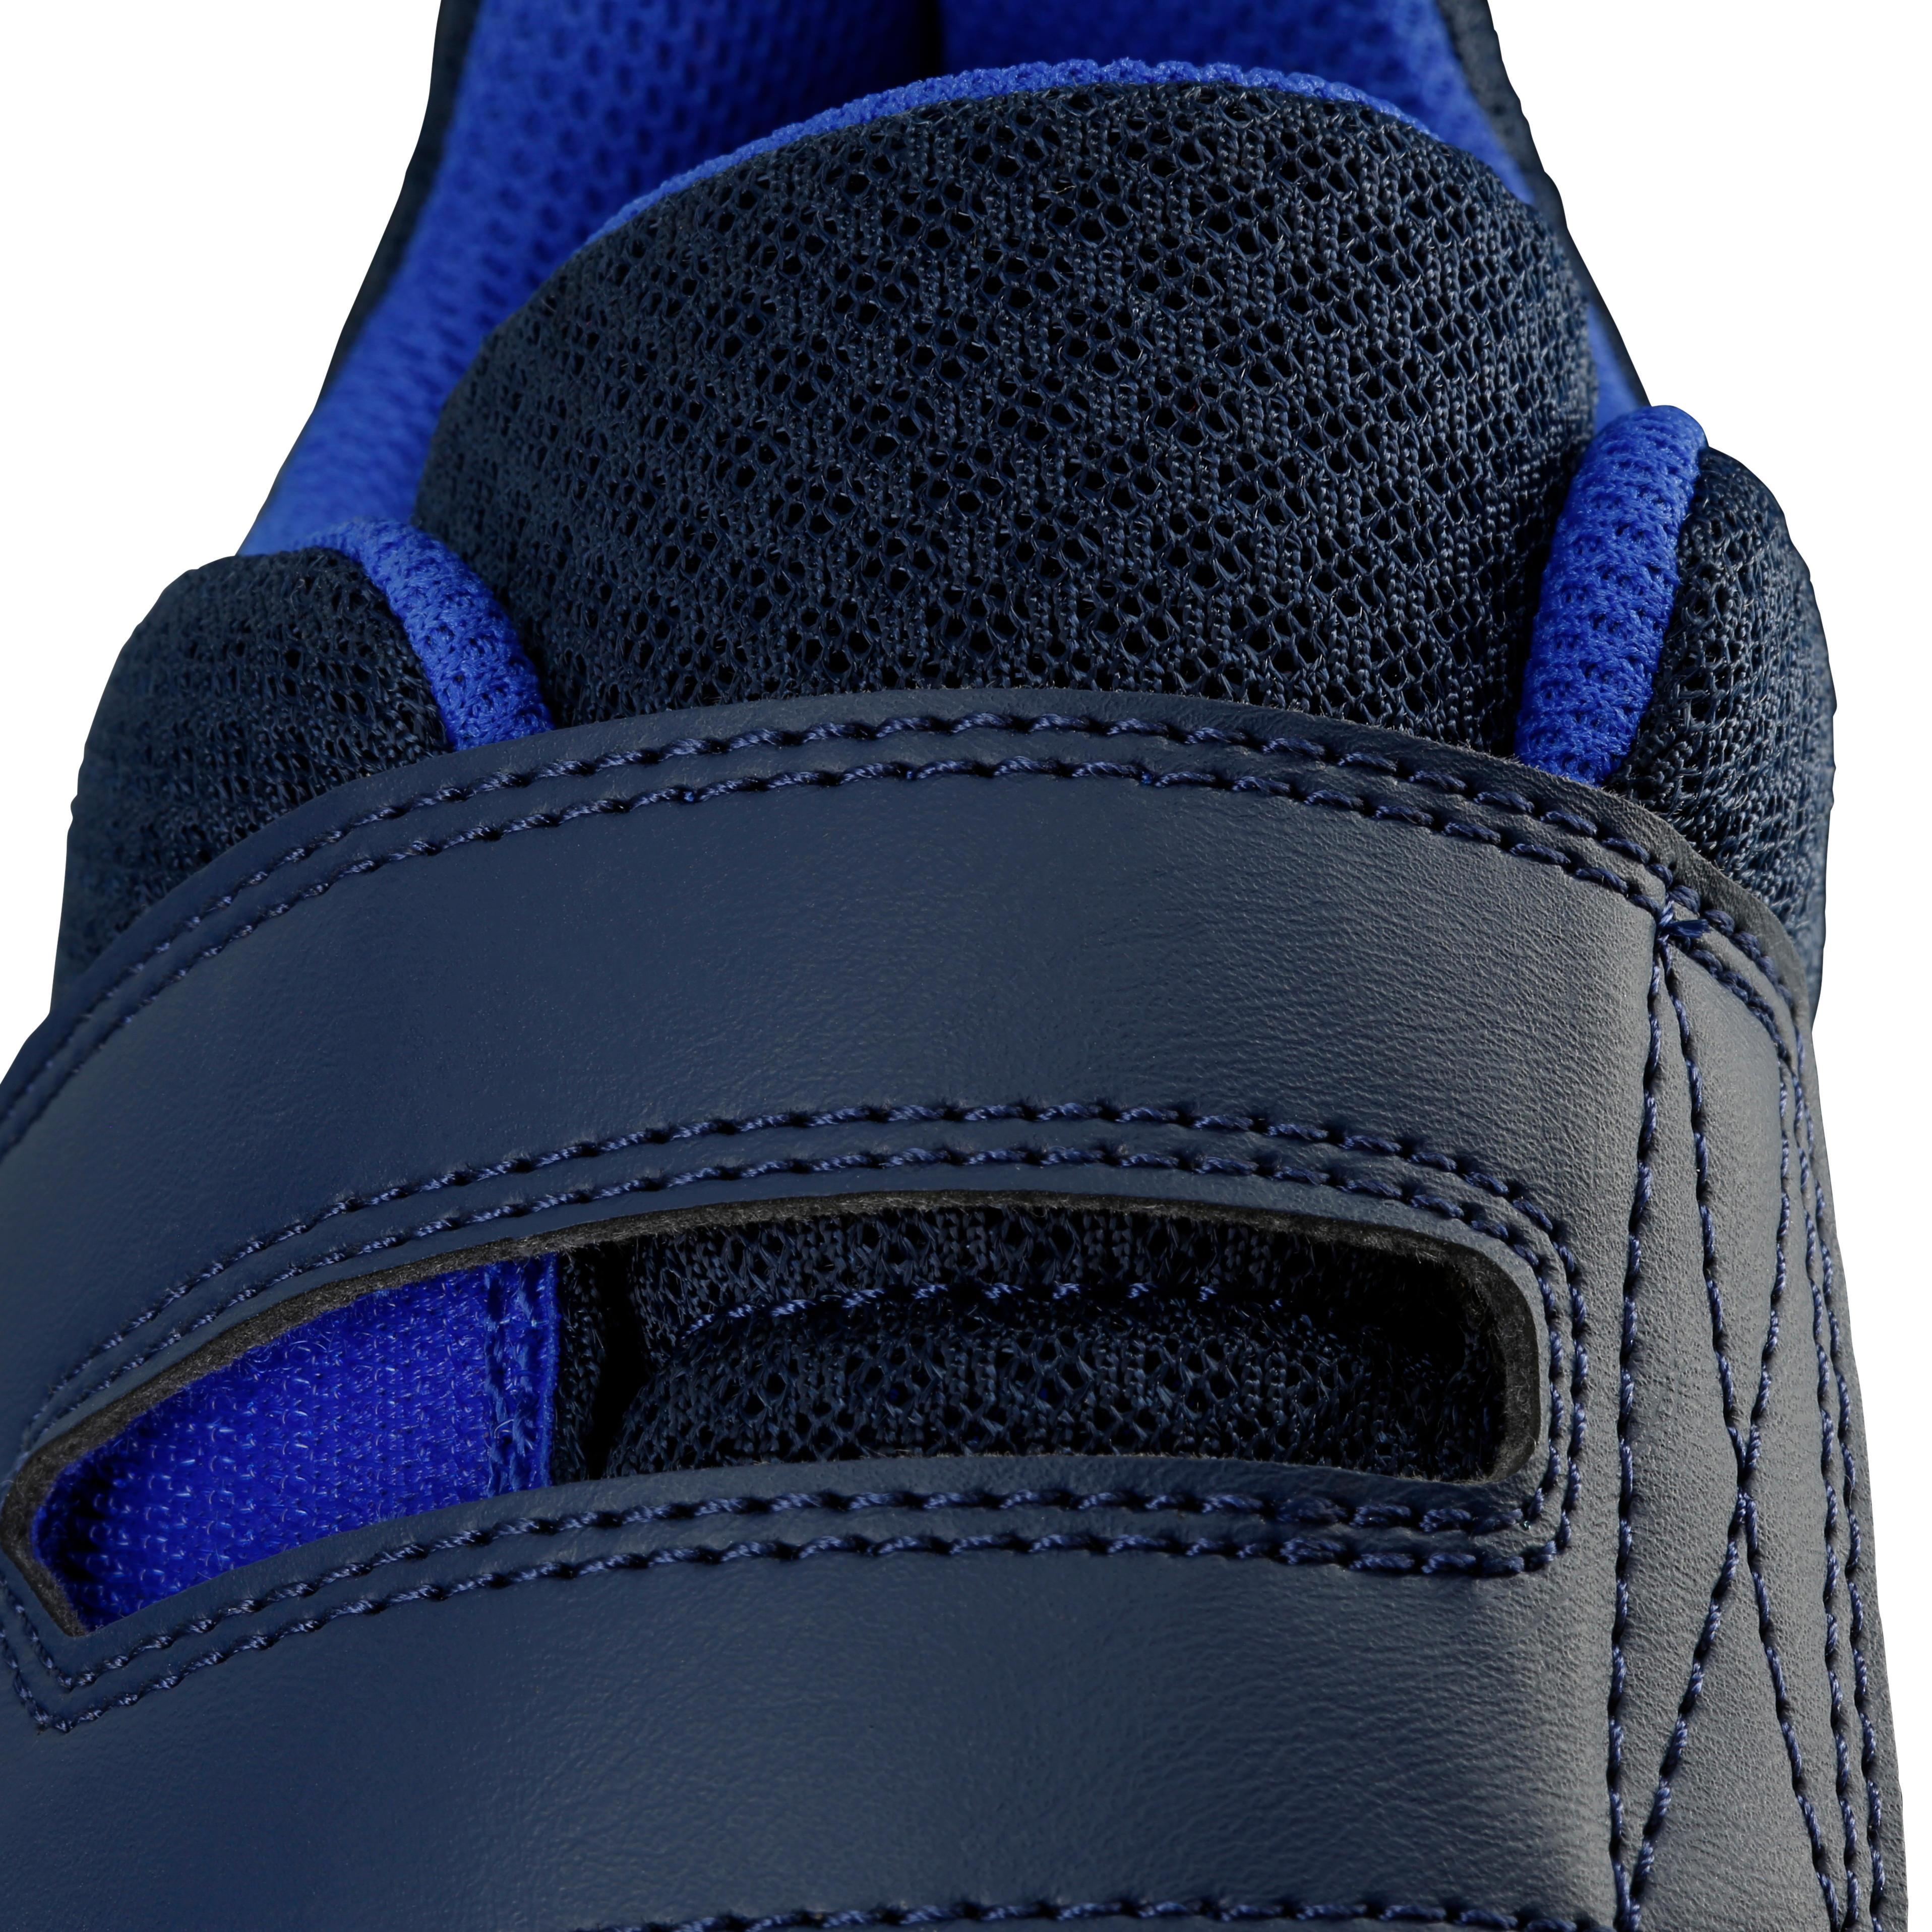 Ekiden One Children's Running Shoes - Navy